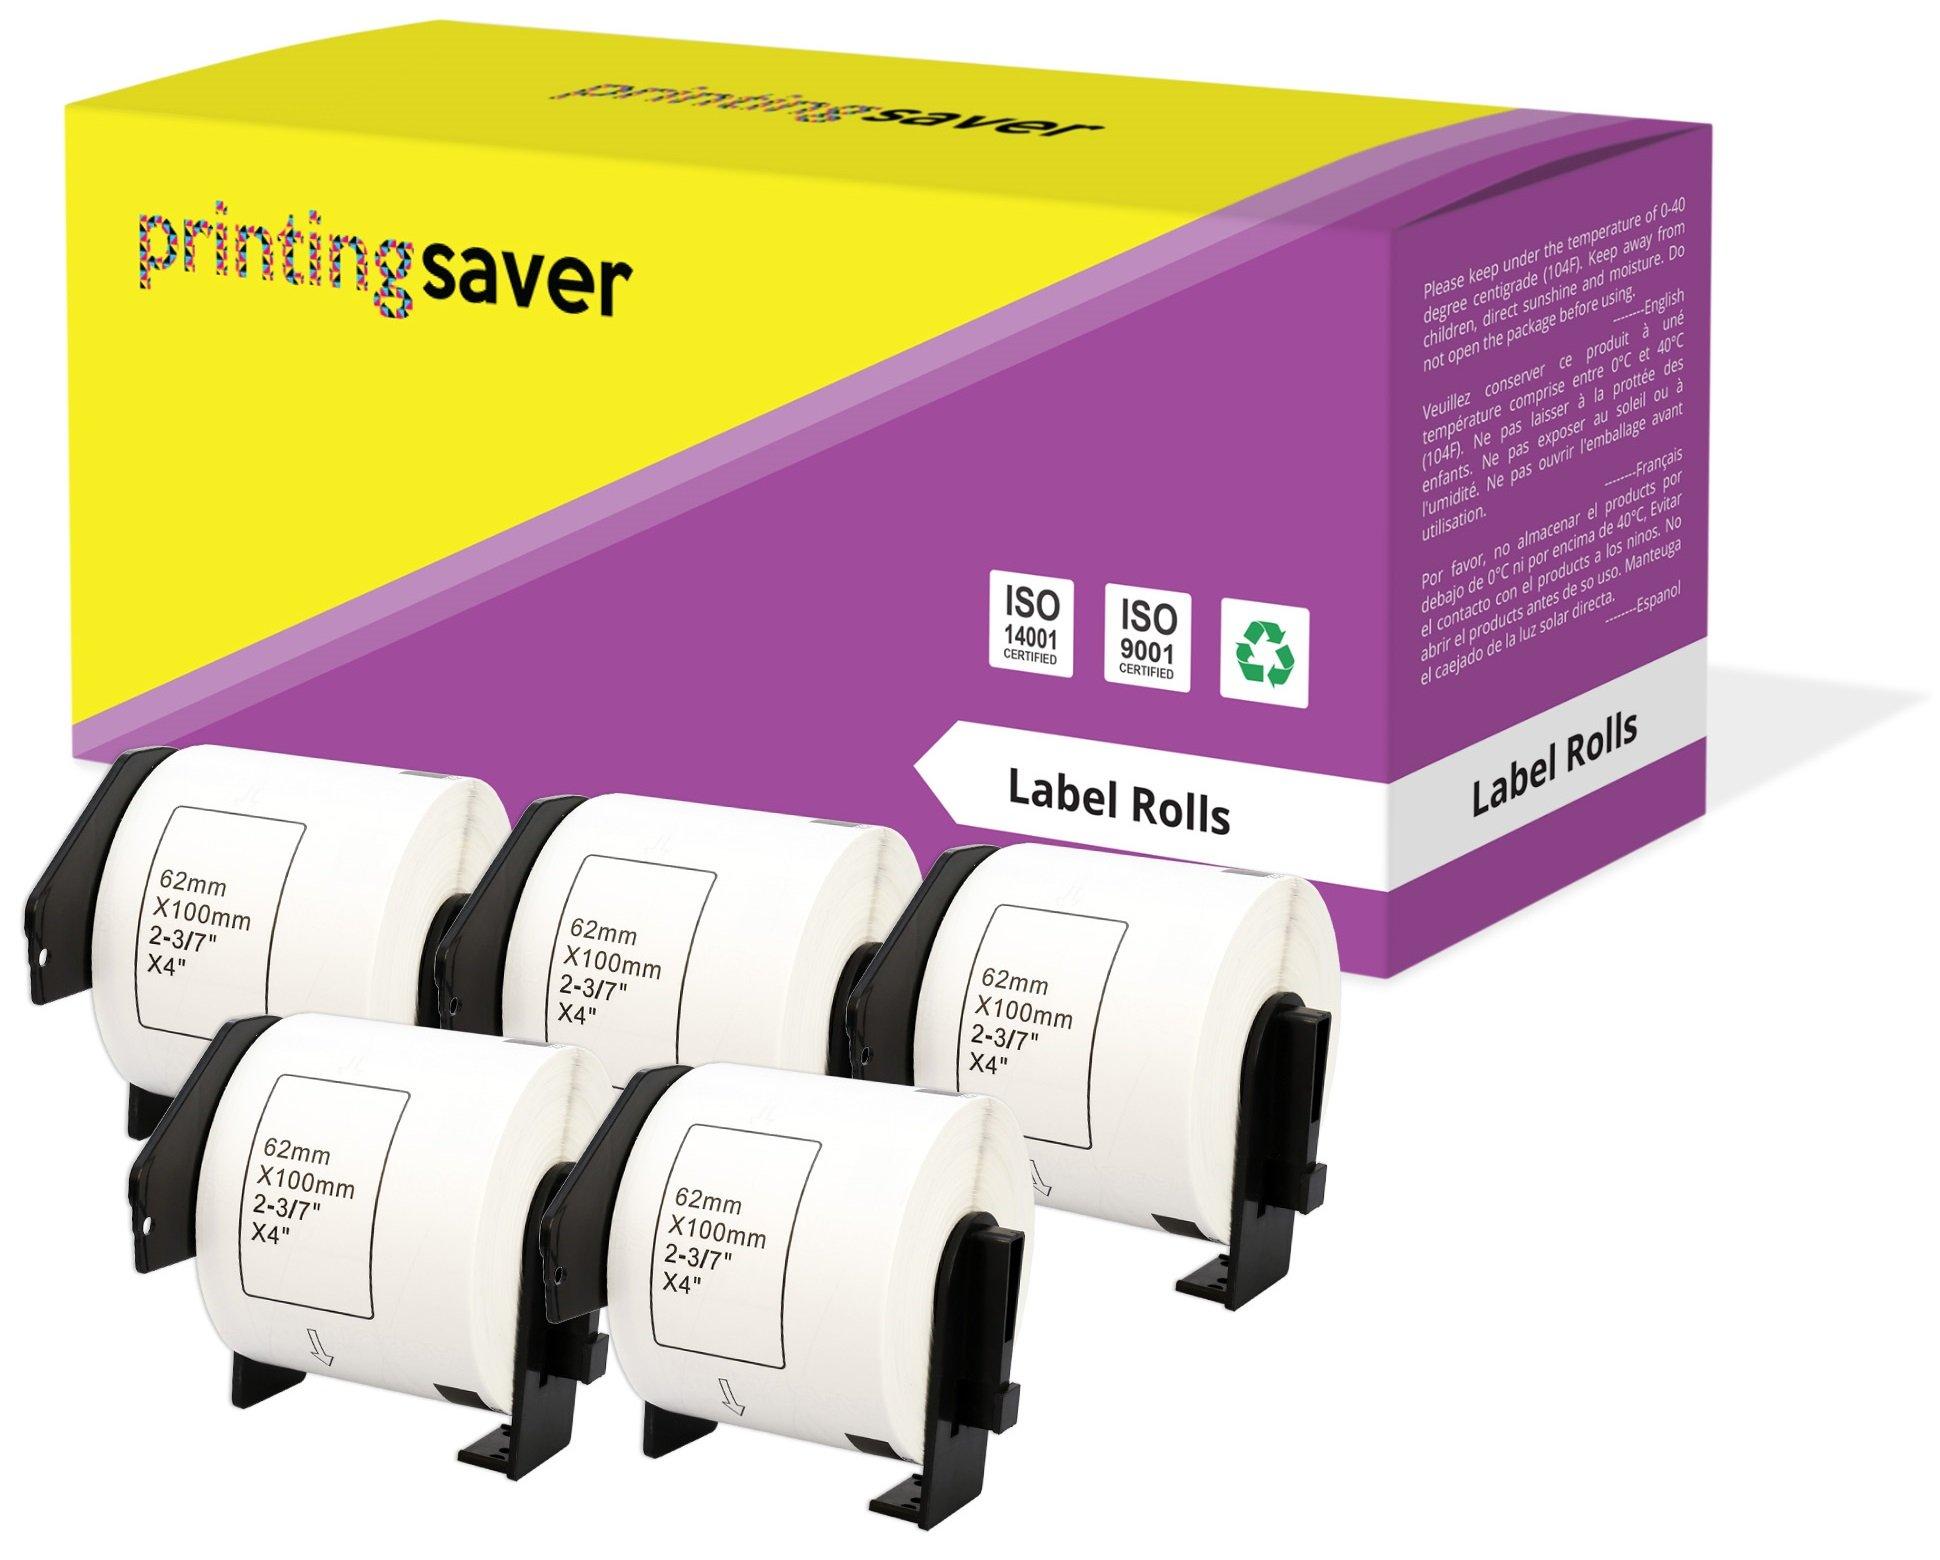 5 Rolls DK-11202 Compatible Brother Labels QL500 QL560 QL570 QL580 QL700 QL1050